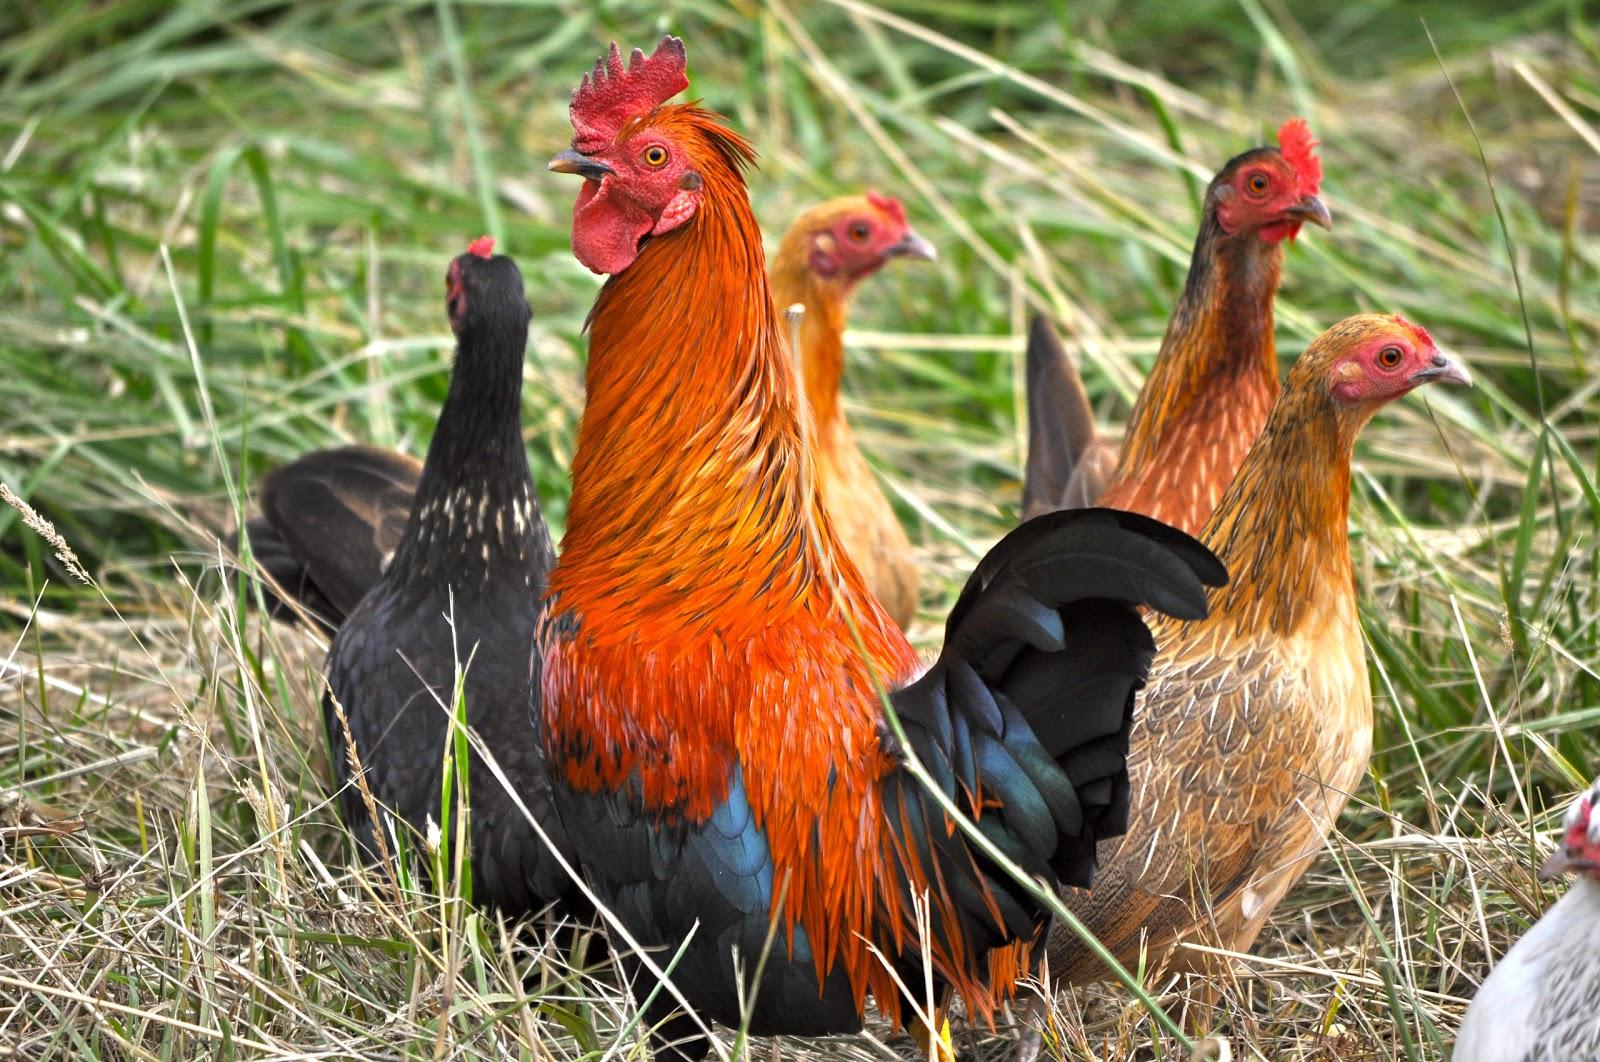 http://1.bp.blogspot.com/-T4IasKktRgk/UB4HHh2KCaI/AAAAAAAAPgg/5WamDIX35g8/s1600/Chicken+Family+1.jpg